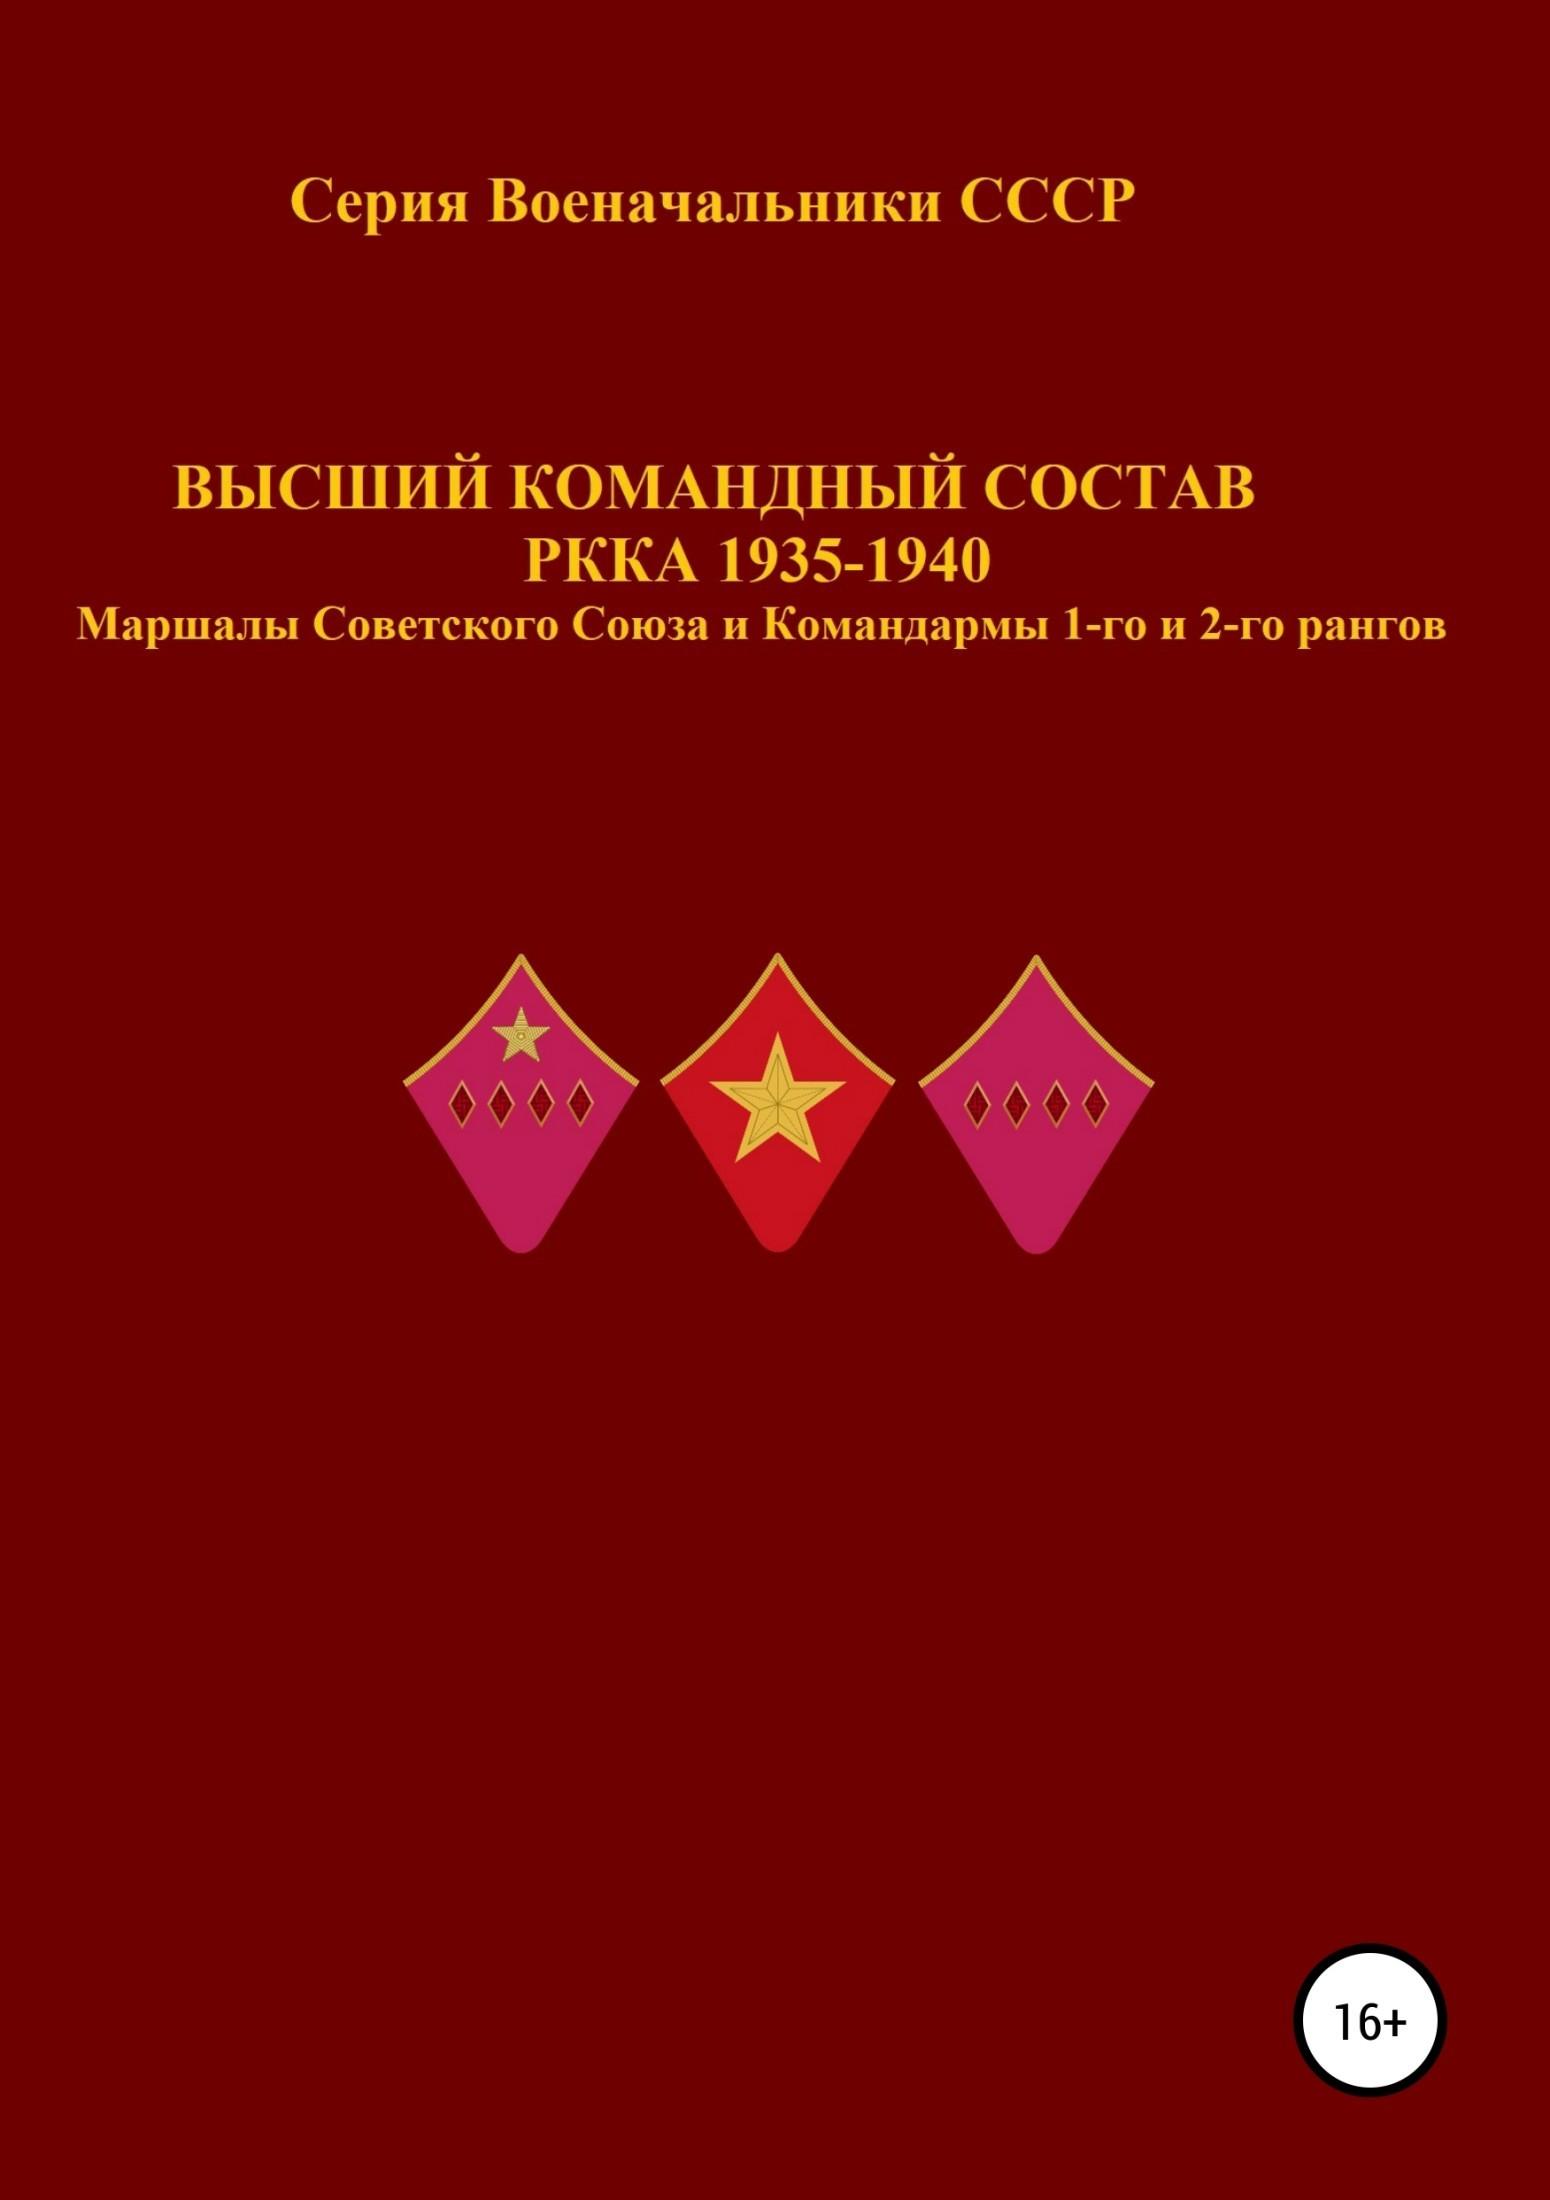 Высший командный состав РККА 1935-1940 Маршалы Советского Союза и Командармы 1-го и 2-го рангов